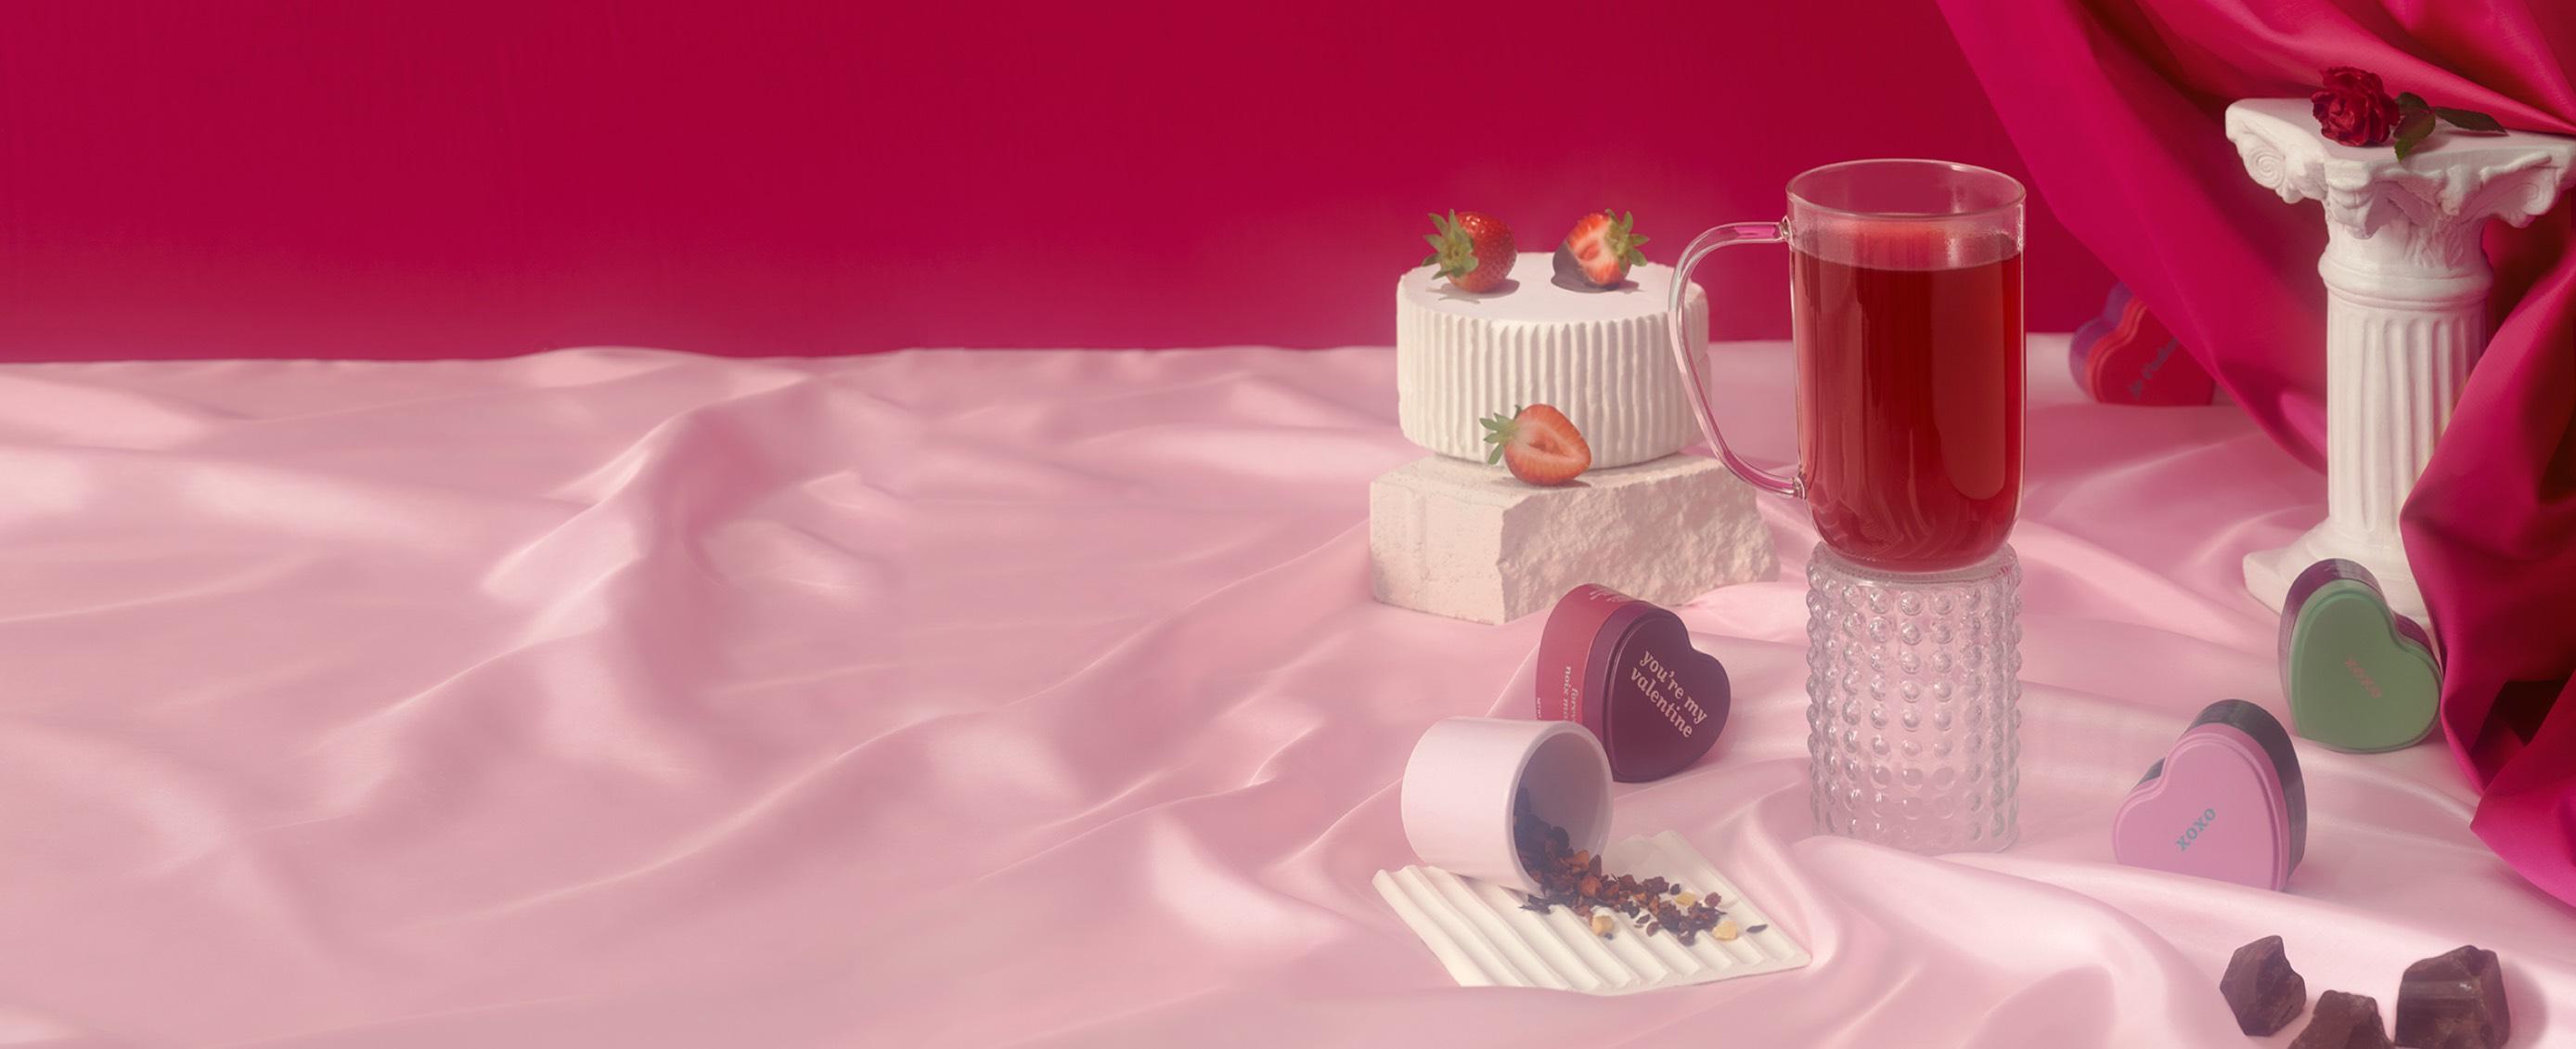 Une tasse Nordic remplie de thé et entourée de fraises et de boîtes en forme de cœur.